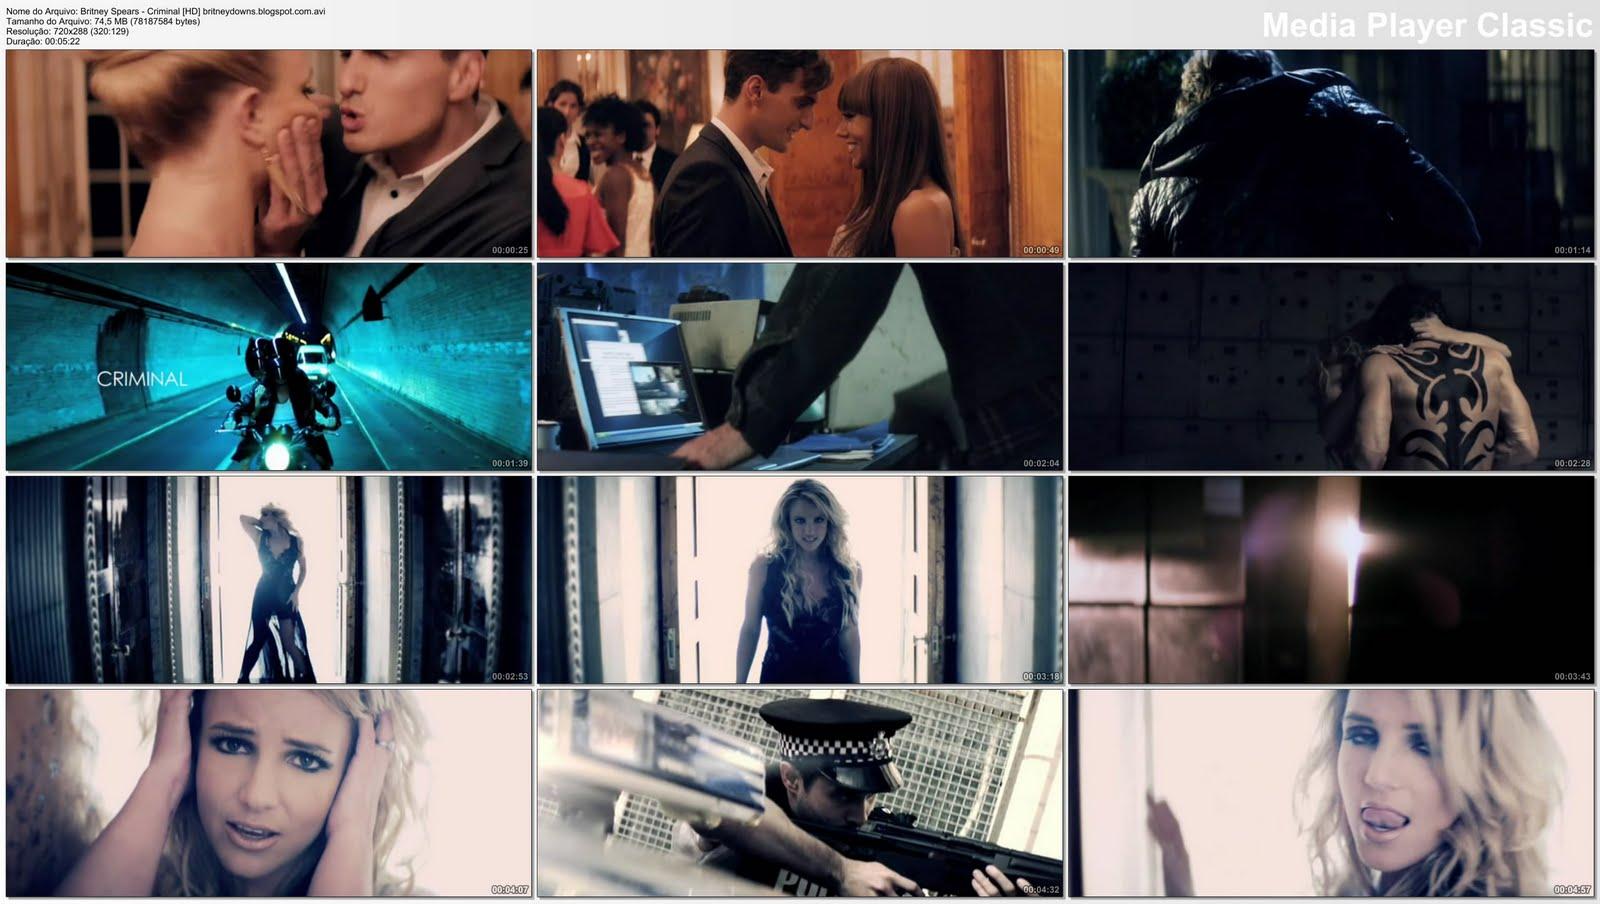 http://2.bp.blogspot.com/-OJimfeIbDKA/Tp22POVKceI/AAAAAAAAAgw/fMNjn91mB6M/s1600/Britney%2BSpears%2B-%2BCriminal%2B%255BHD%255D%2Bbritneydowns.blogspot.com.avi_thumbs_%255B2011.10.18_14.45.27%255D.jpg